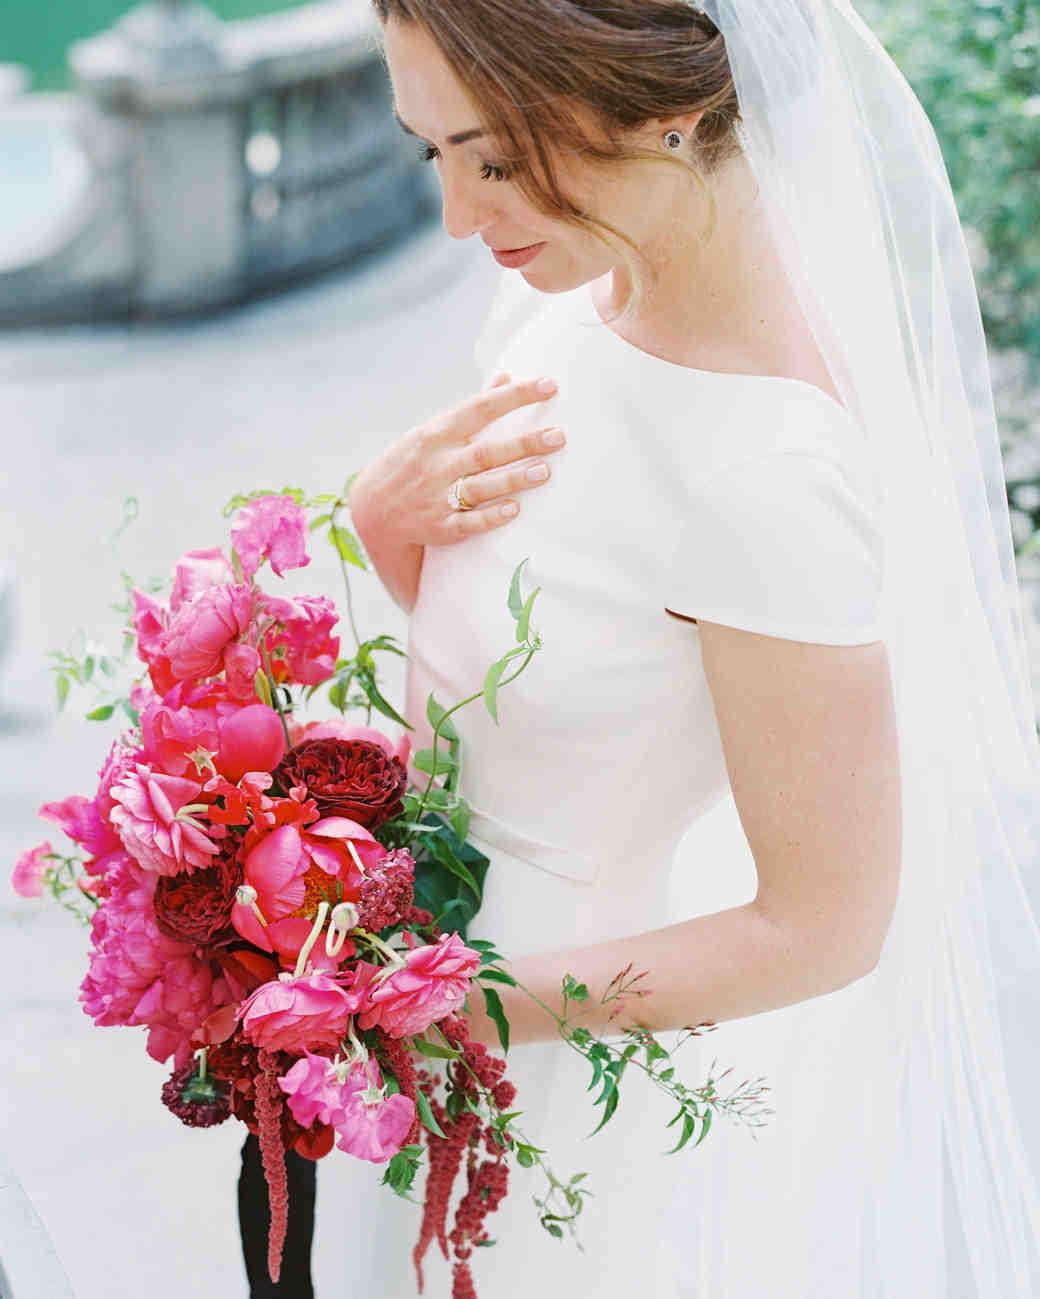 Bride Wearing Subtle Earrings